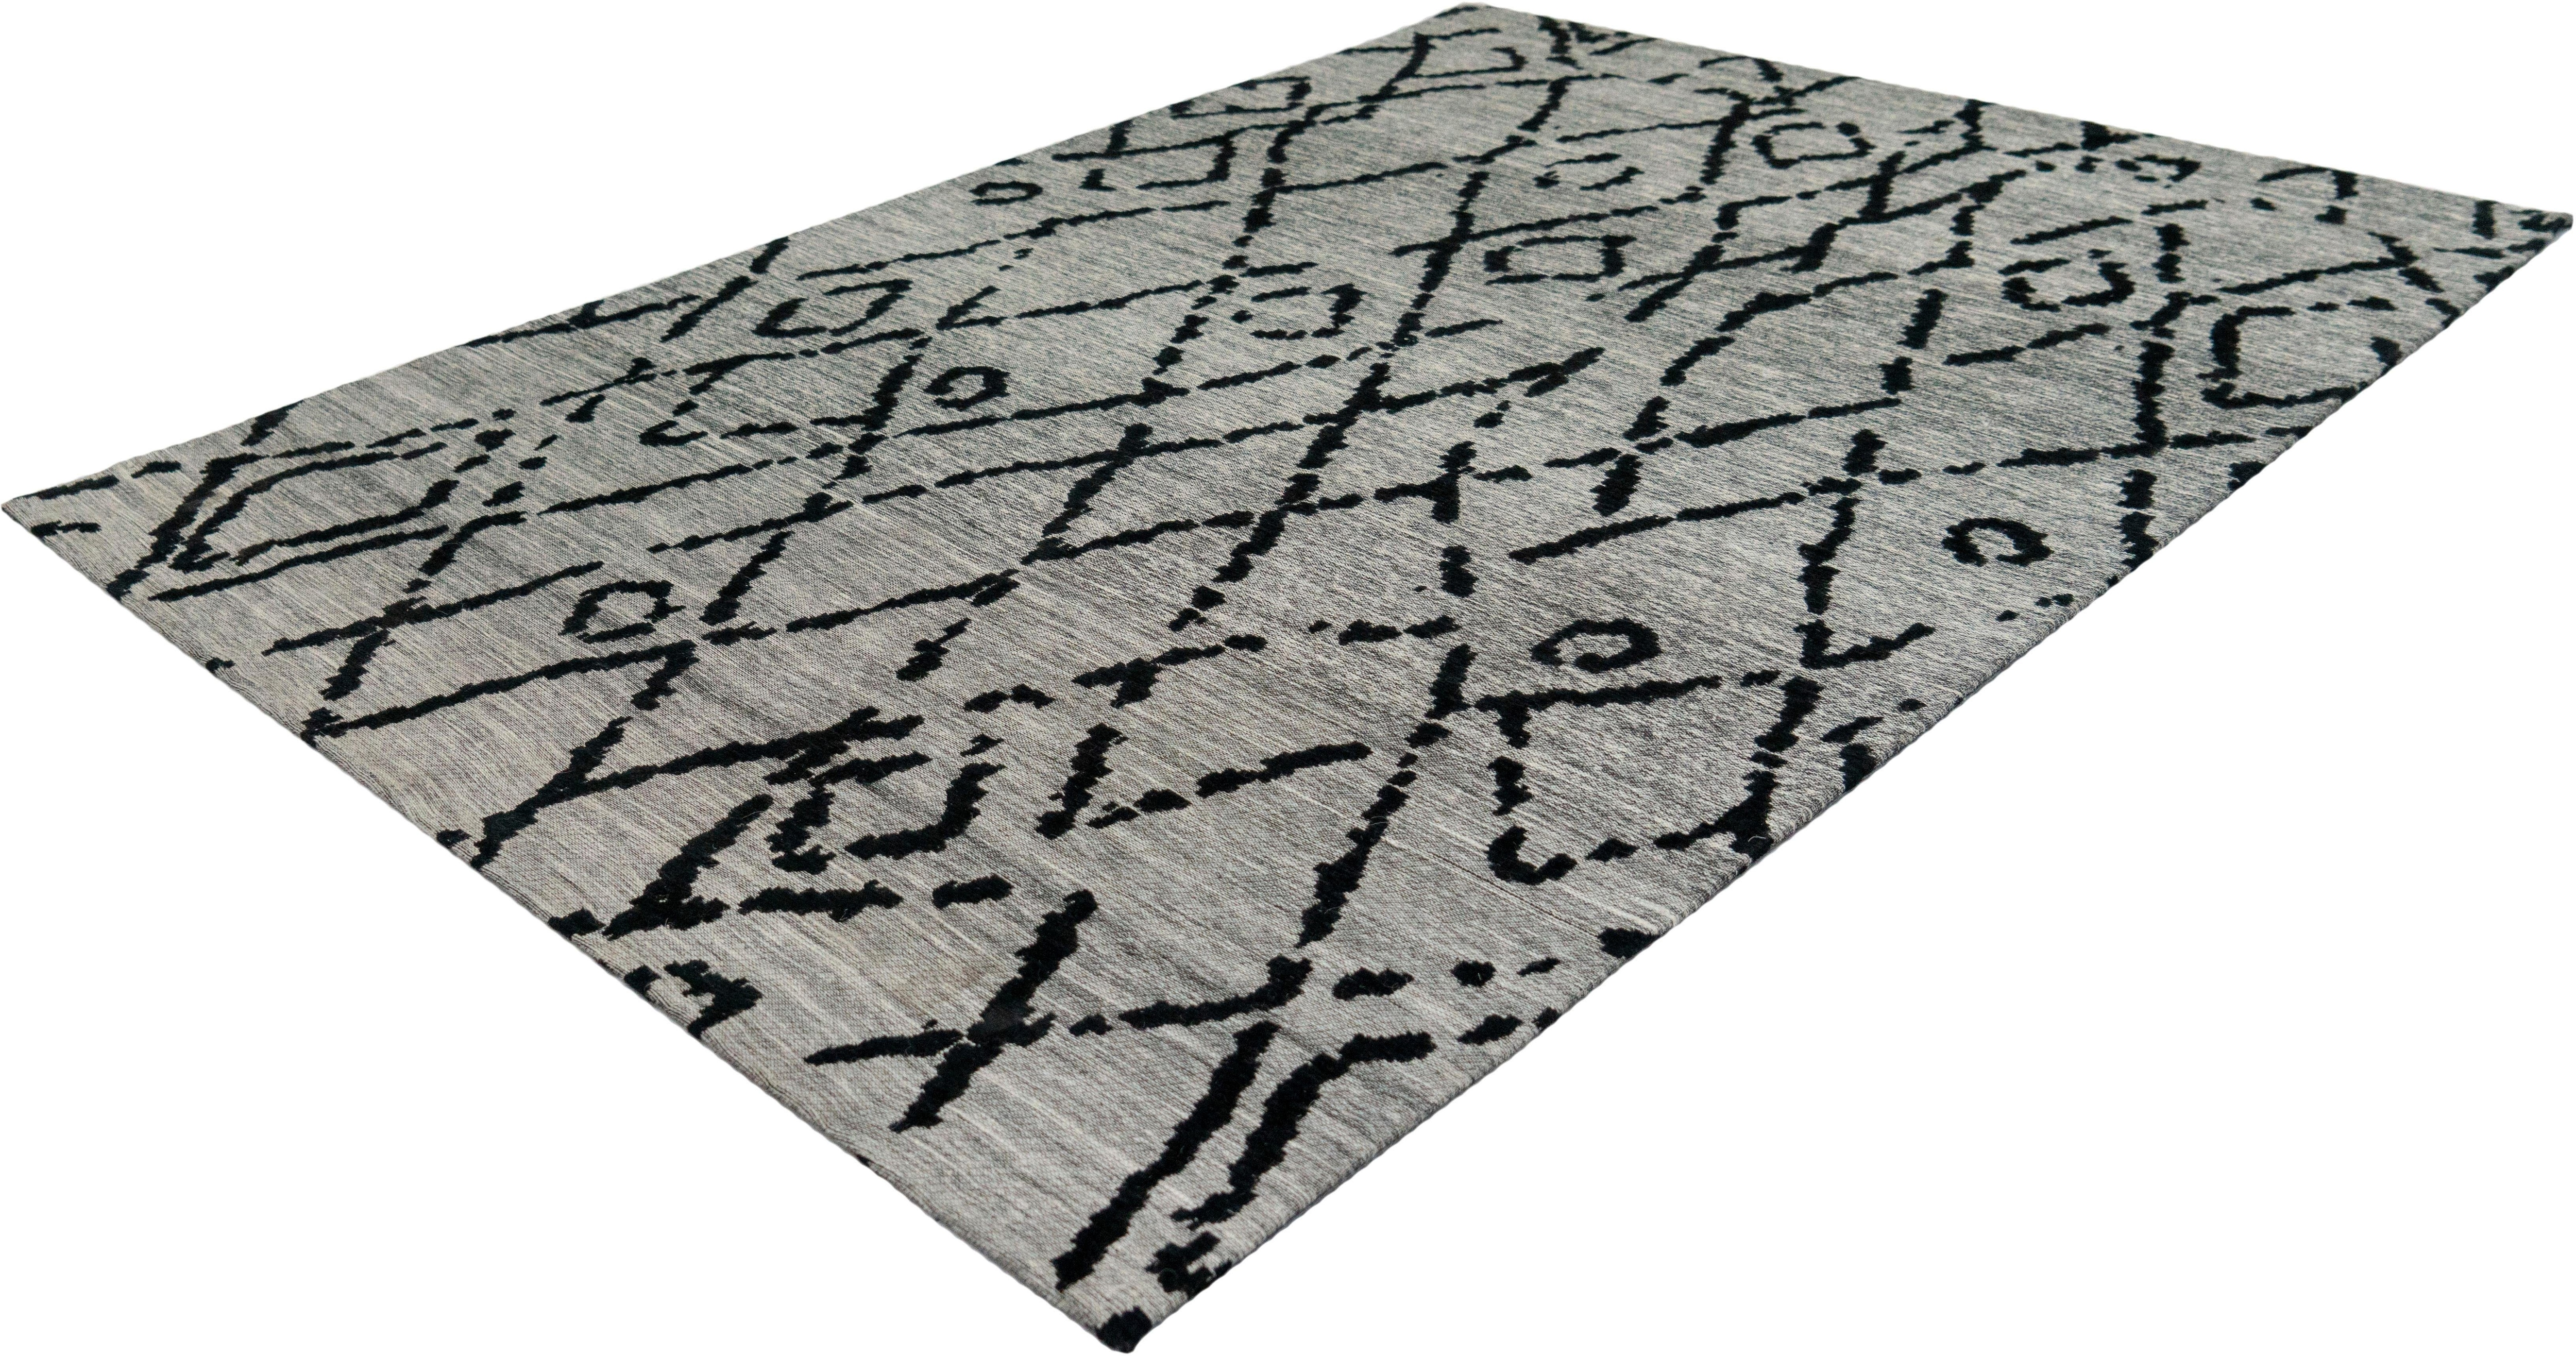 Teppich Paradiso 200 calo-deluxe rechteckig Höhe 10 mm handgewebt